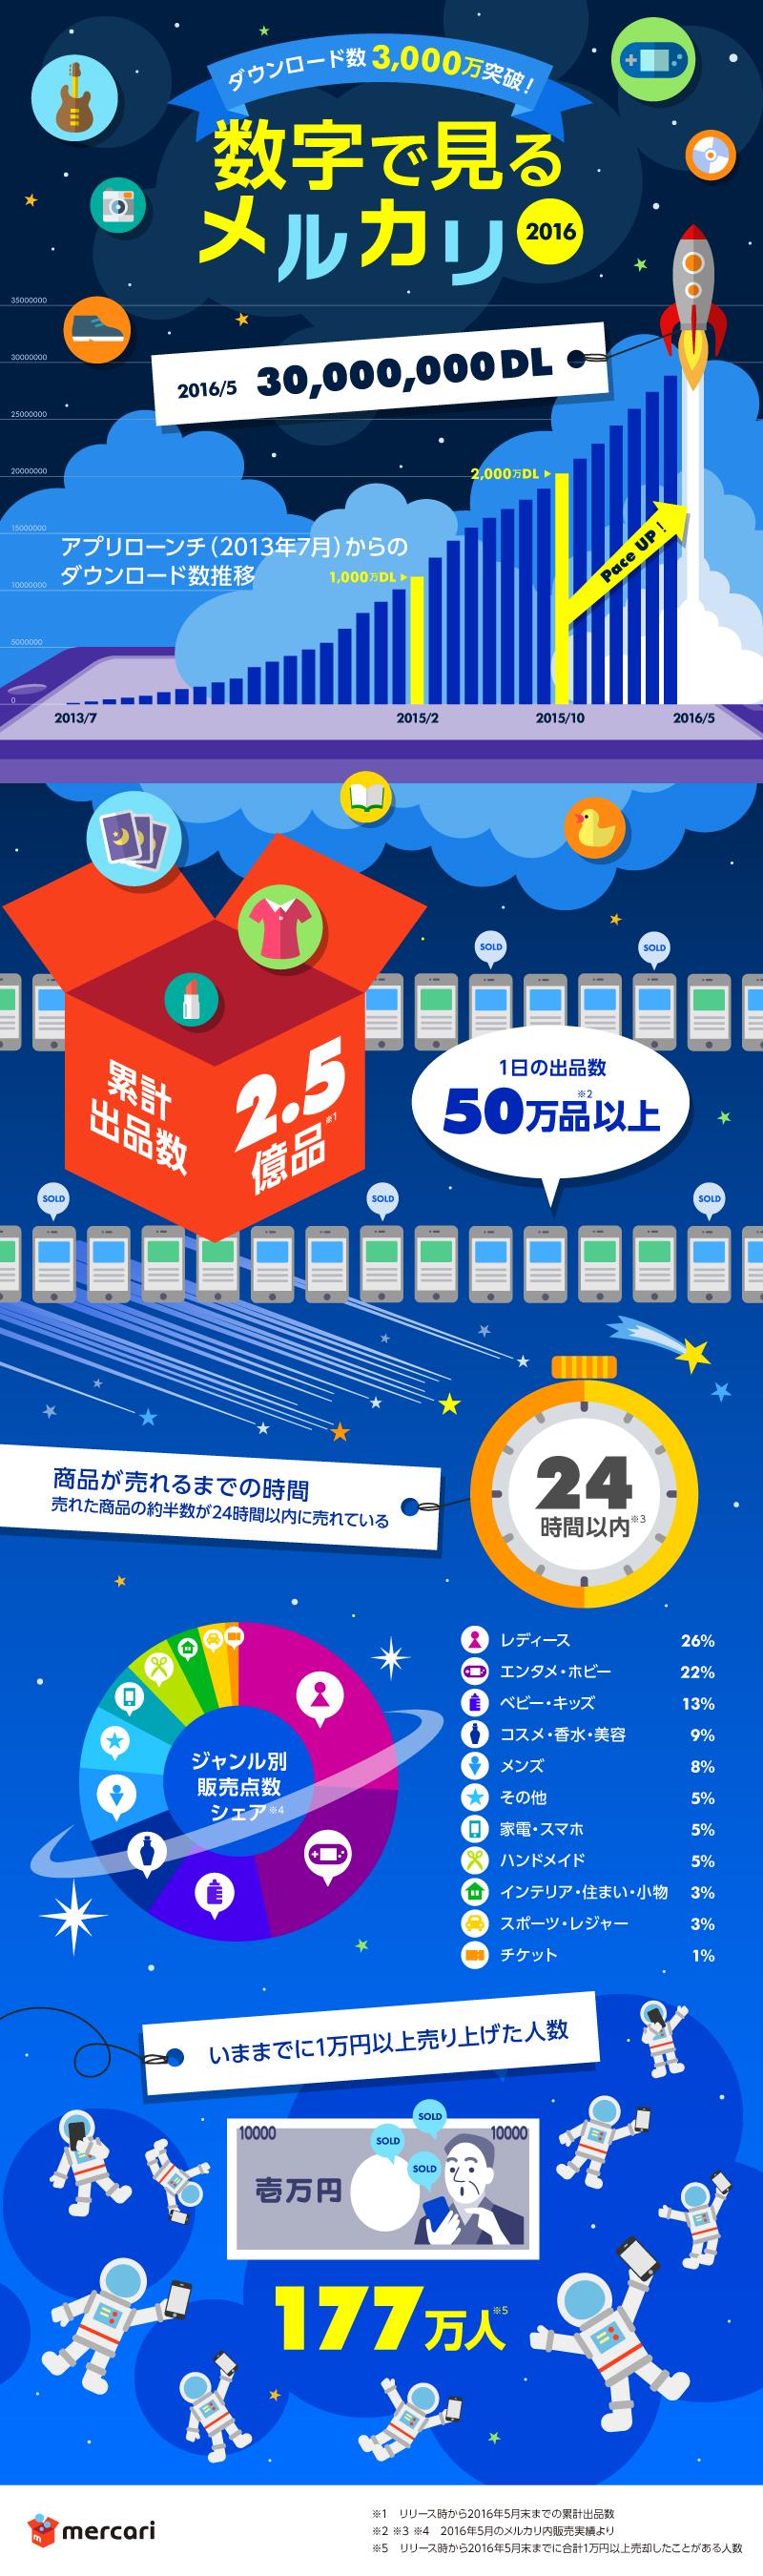 infographic_3000